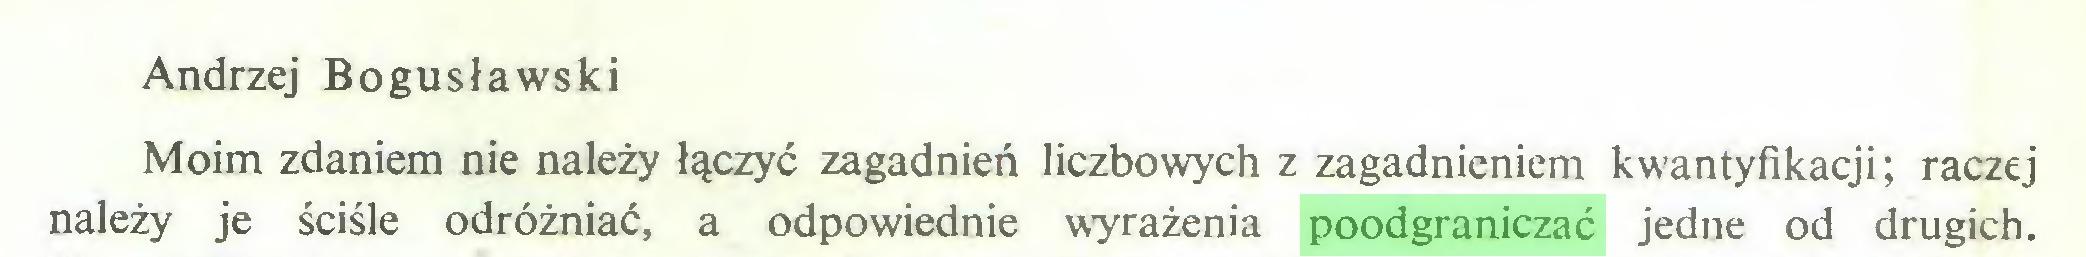 (...) Andrzej Bogusławski Moim zdaniem nie należy łączyć zagadnień liczbowych z zagadnieniem kwantyfikacji; raczej należy je ściśle odróżniać, a odpowiednie wyrażenia poodgraniczać jedne od drugich...